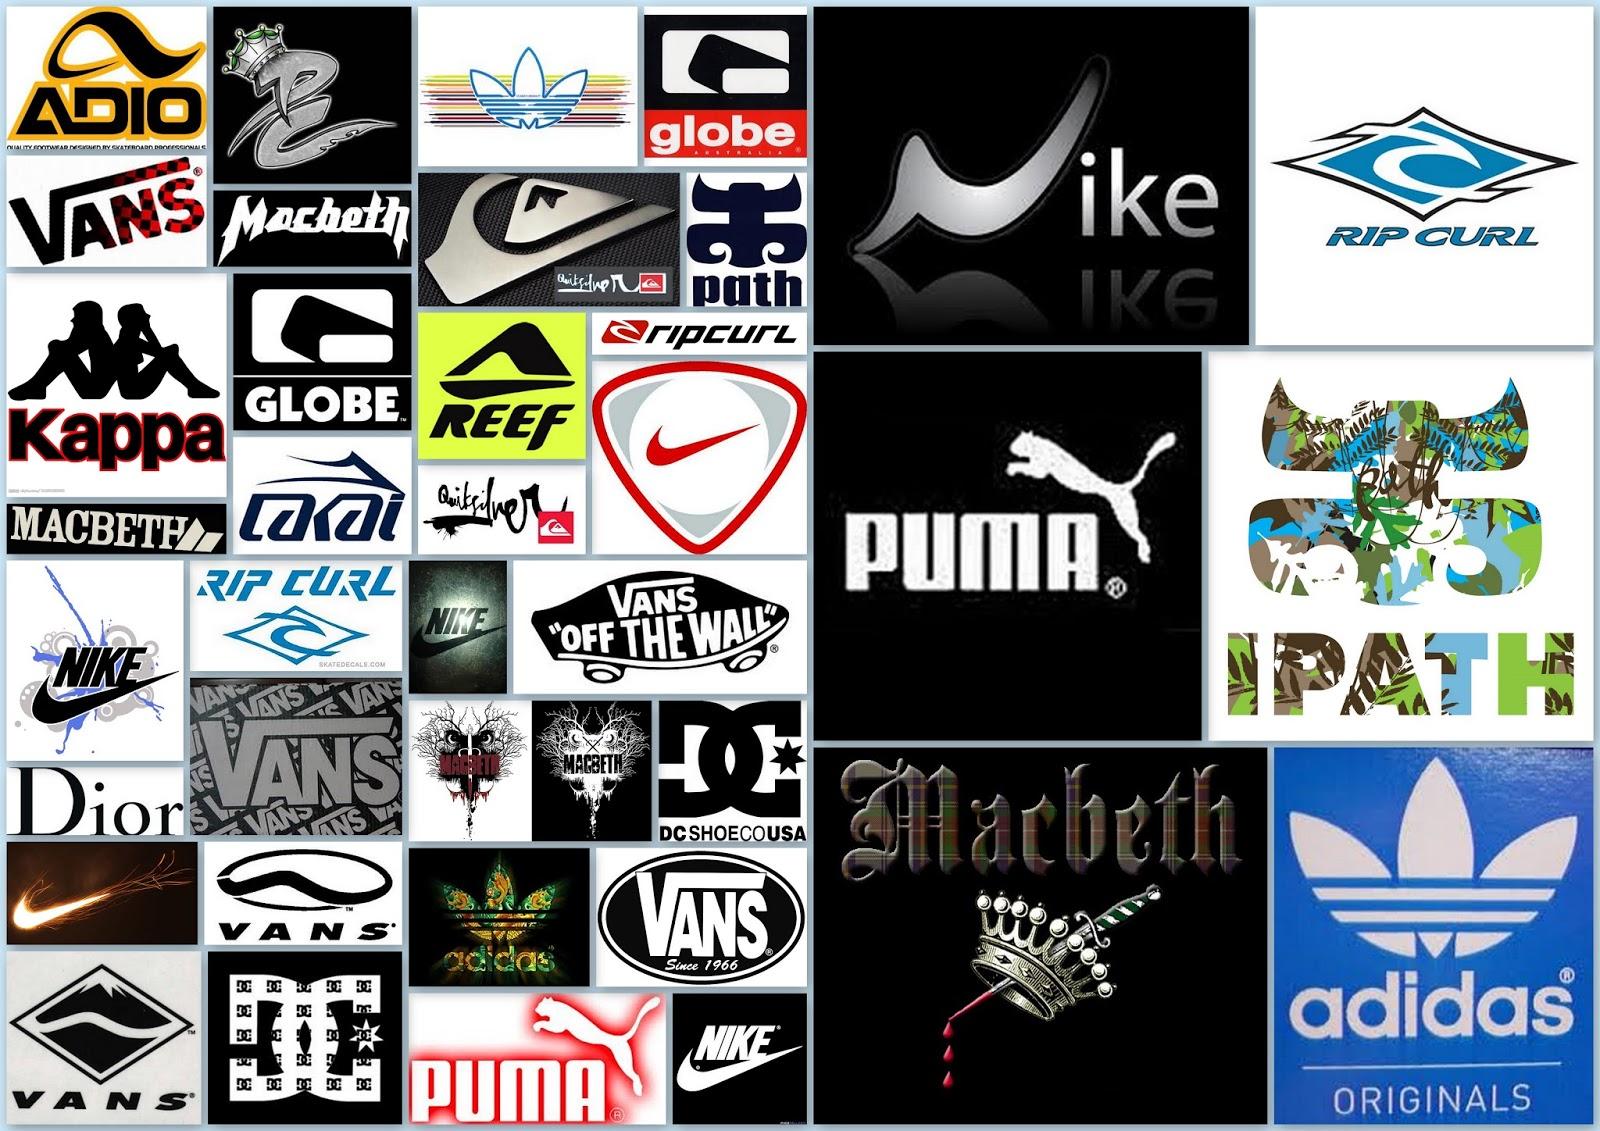 Merek sepatu paling populer di dunia - Jika Anda ingin mencarisepasang sepatu  terbaik yang benar-benar sesuai dengan kebutuhan Anda maka Anda harus  memilih ... 2c3e036a66